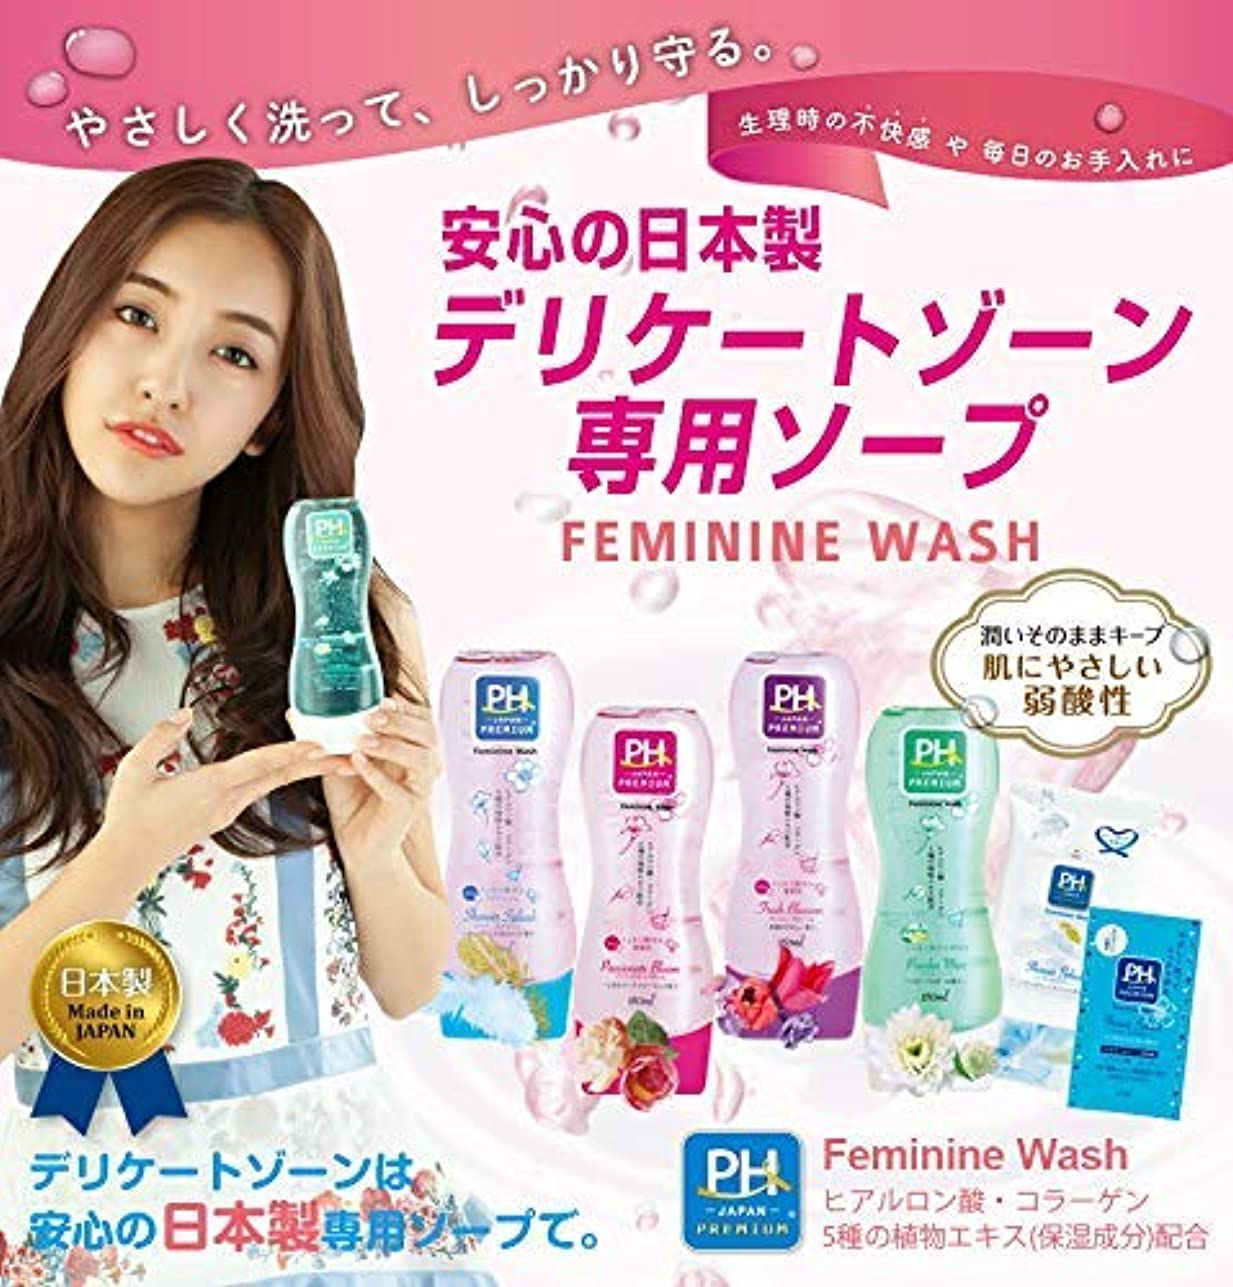 適応吹雪一元化するPH JAPAN フェミニンウォッシュ シャワースプラッシュ さっぱりとしたシャボンの香り 150ml